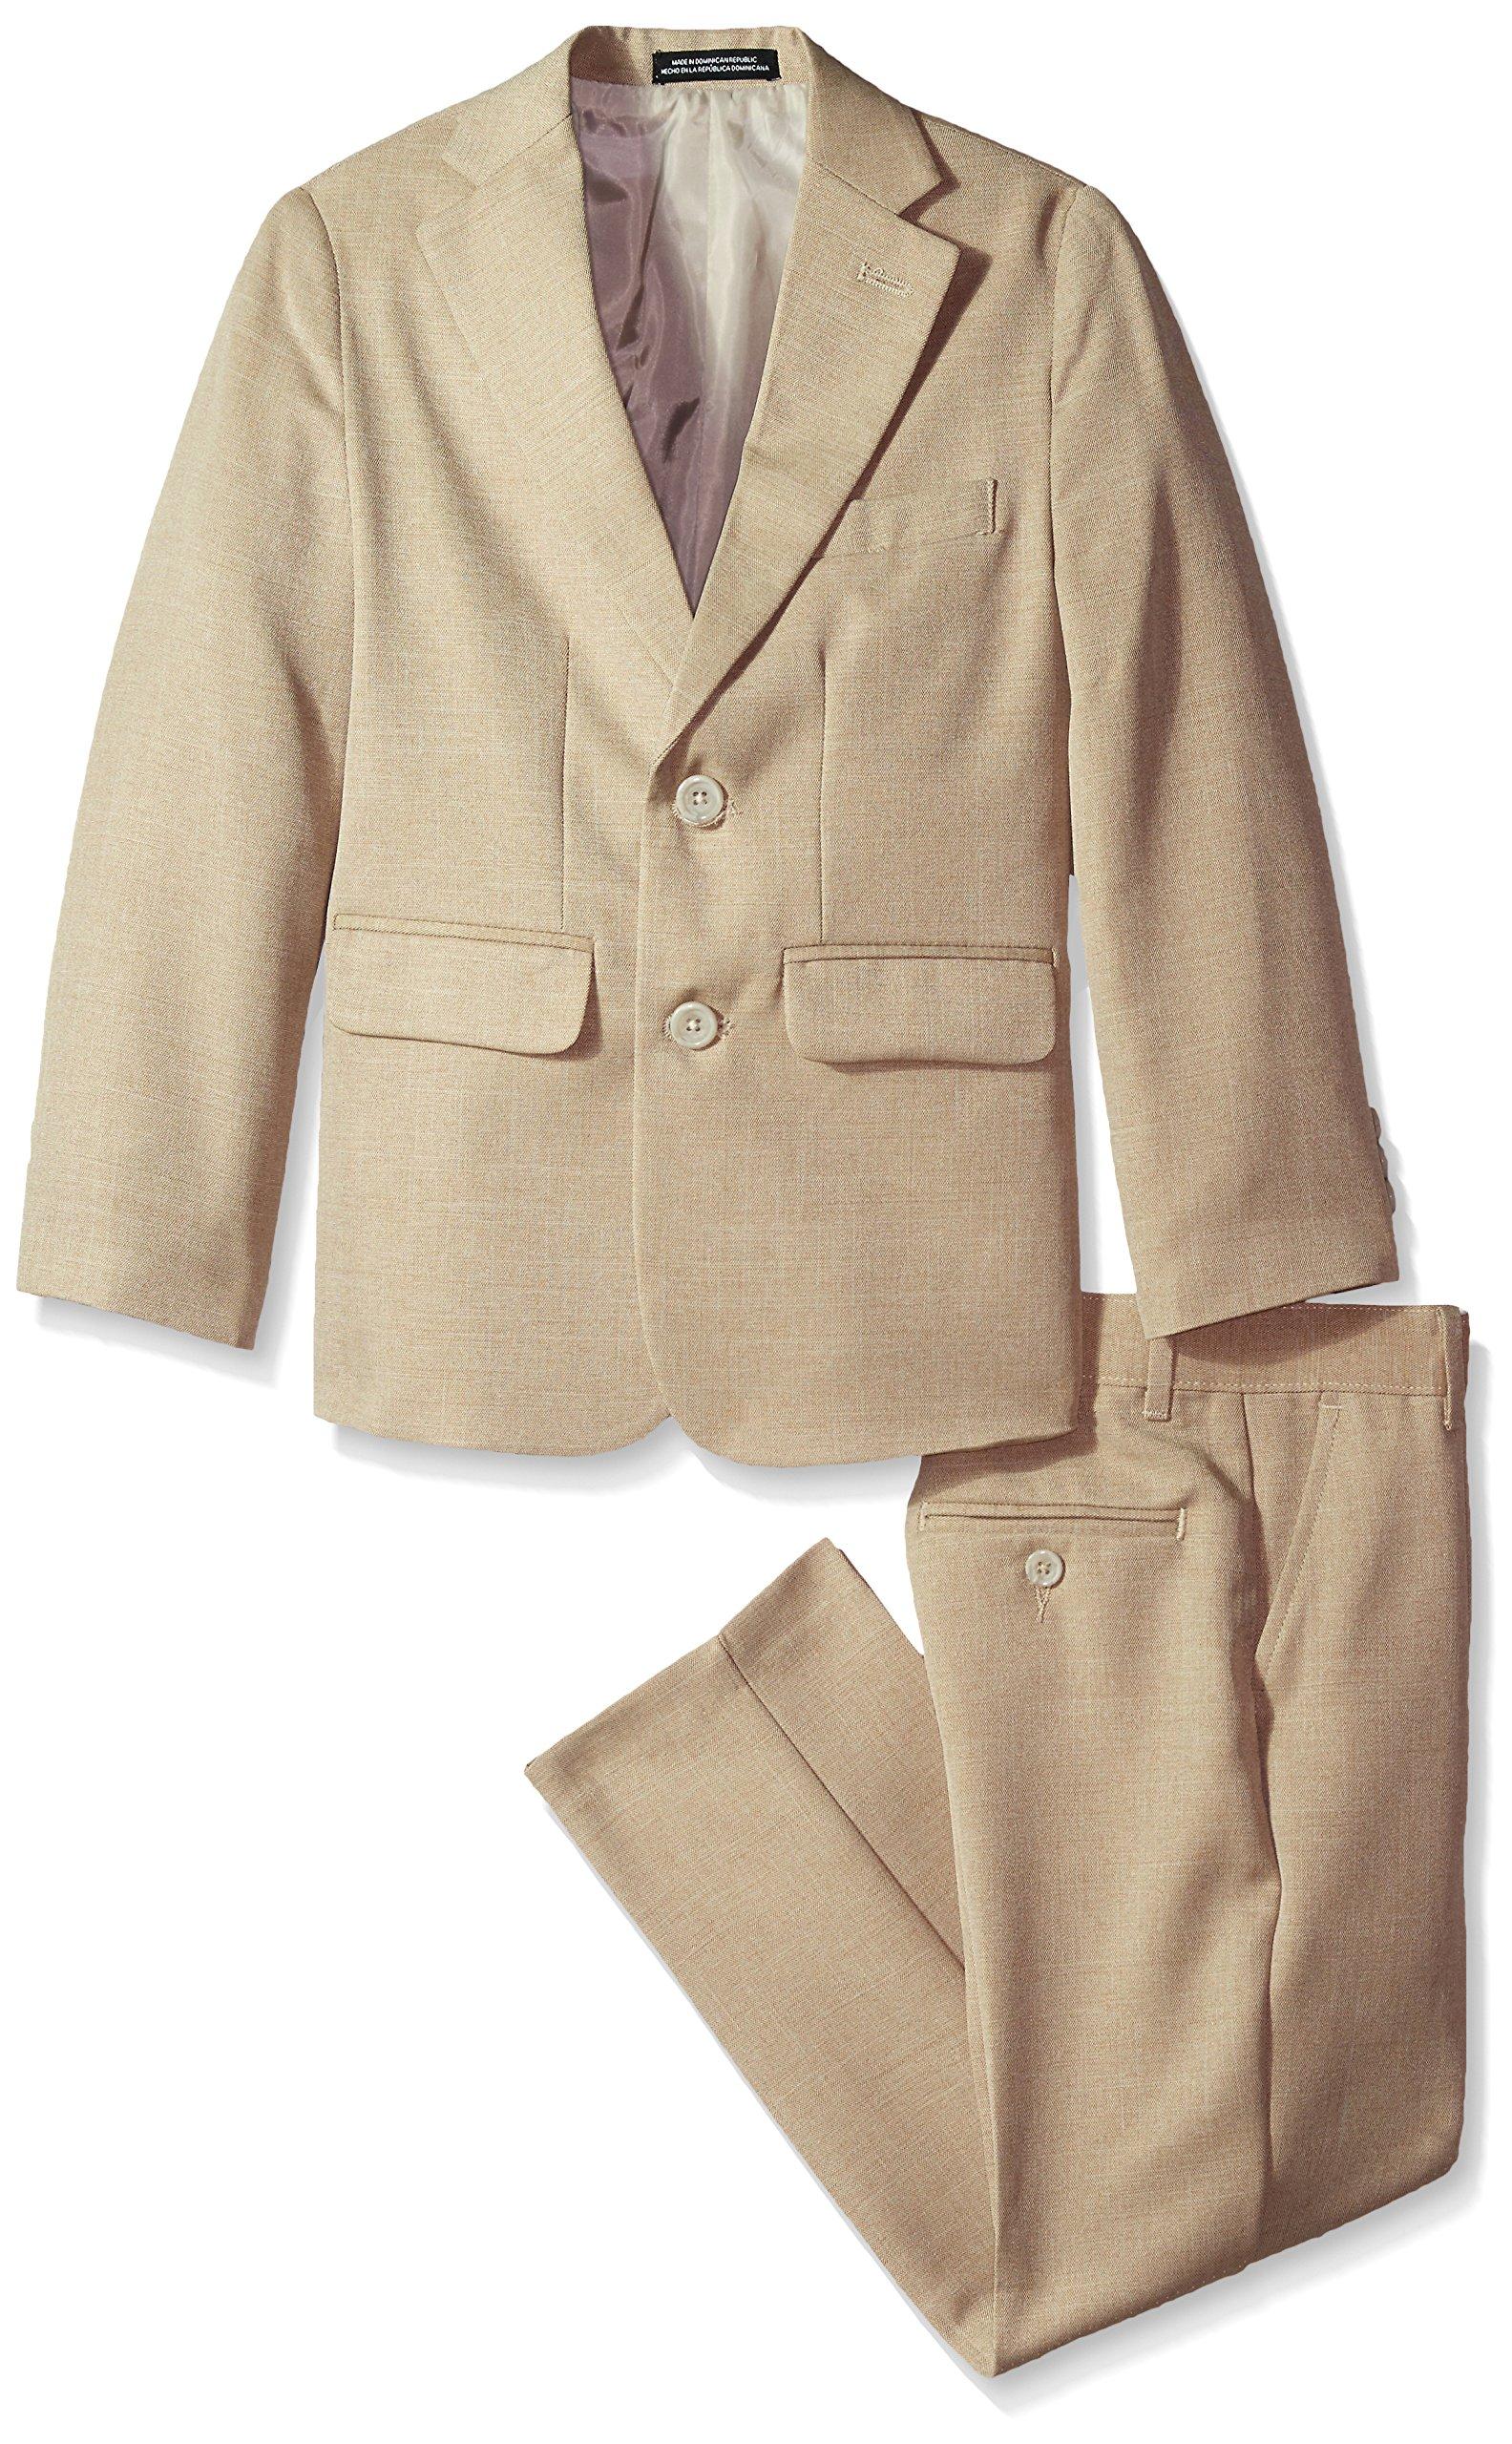 Van Heusen Big Boys' Cross Dyed Solid 2 Pc Suit, Brown, 18 by Van Heusen (Image #1)